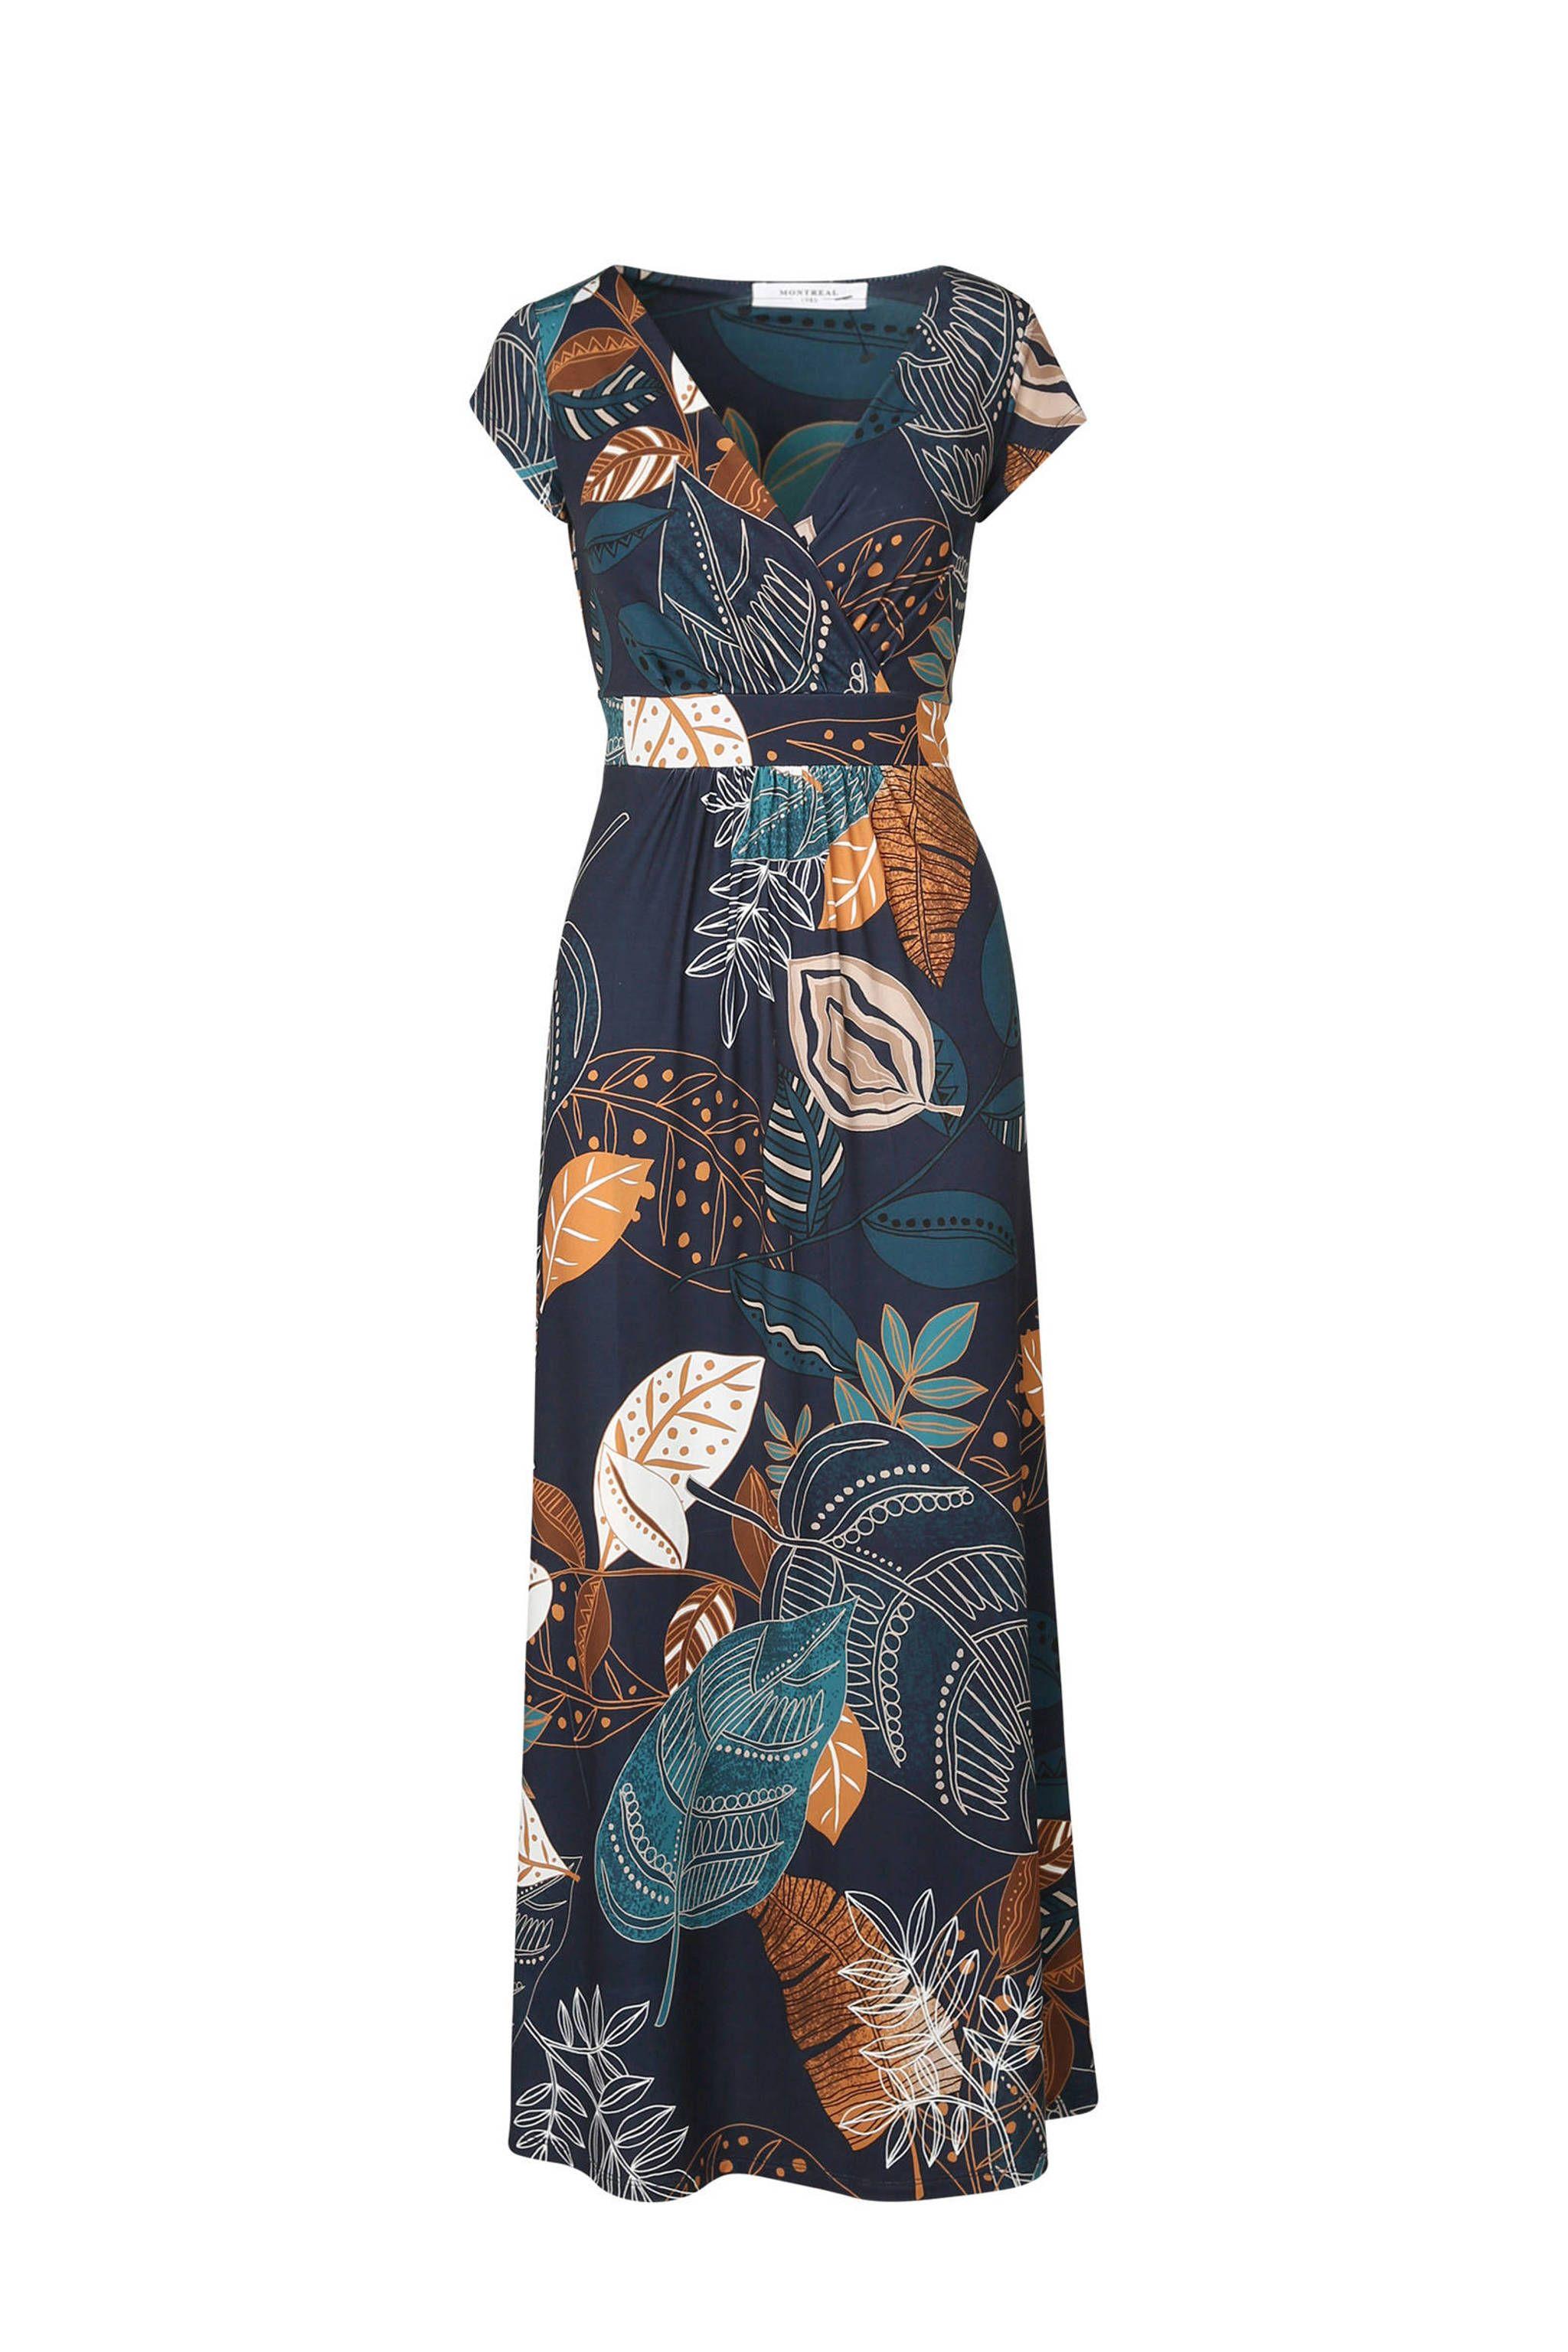 e8d4d5ff8a6fb4 Cassis maxi jurk met overslag marine in 2019